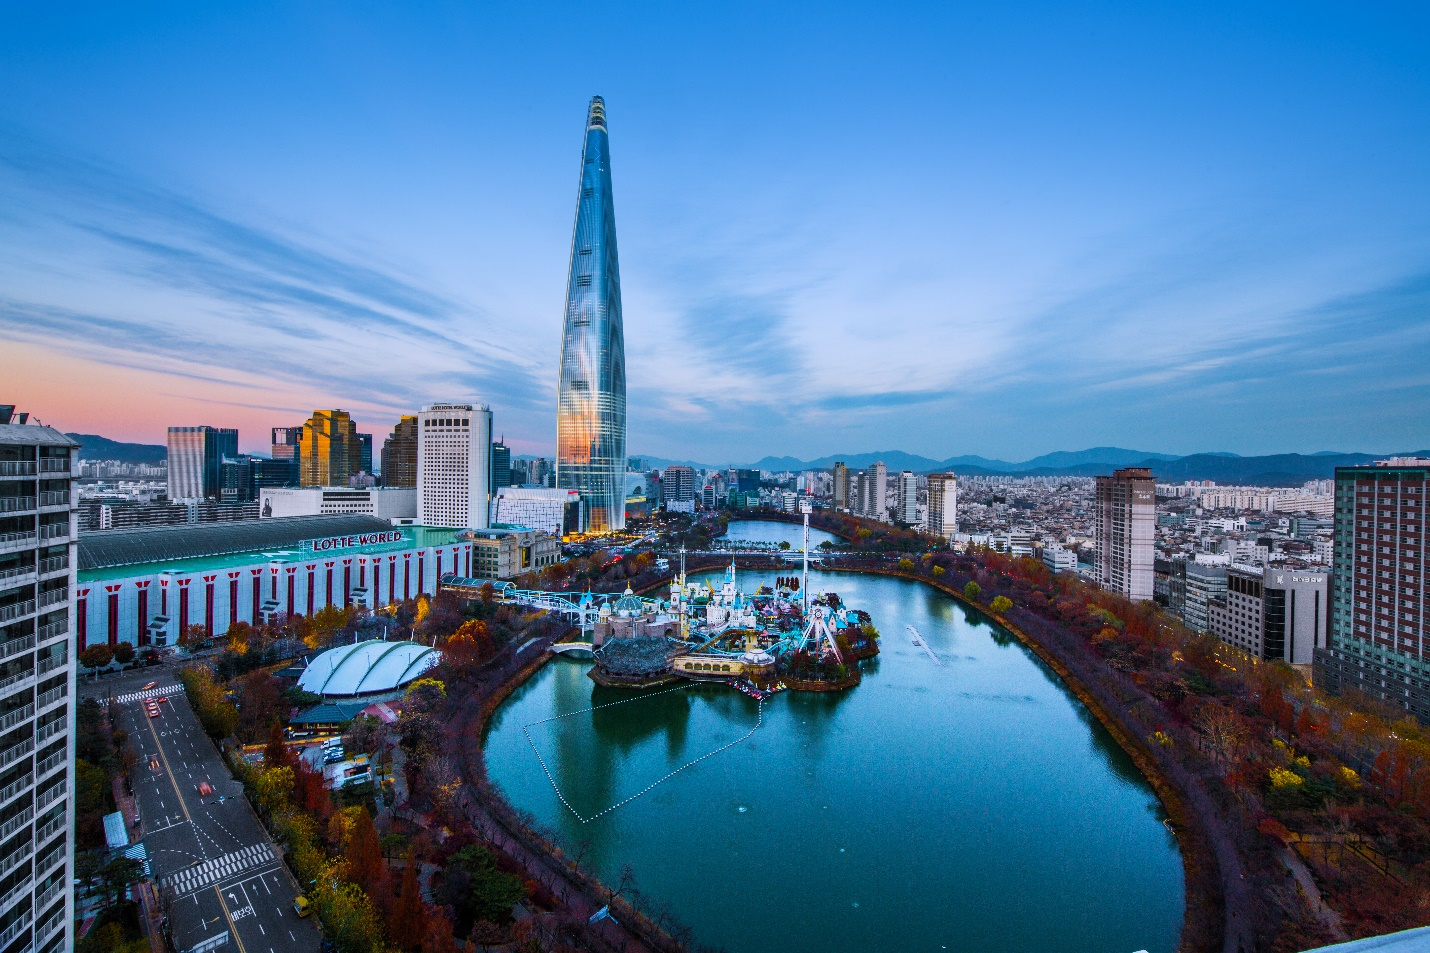 Hè rực rỡ - Đừng quên cẩm nang này khi du lịch Hàn Quốc - Ảnh 2.